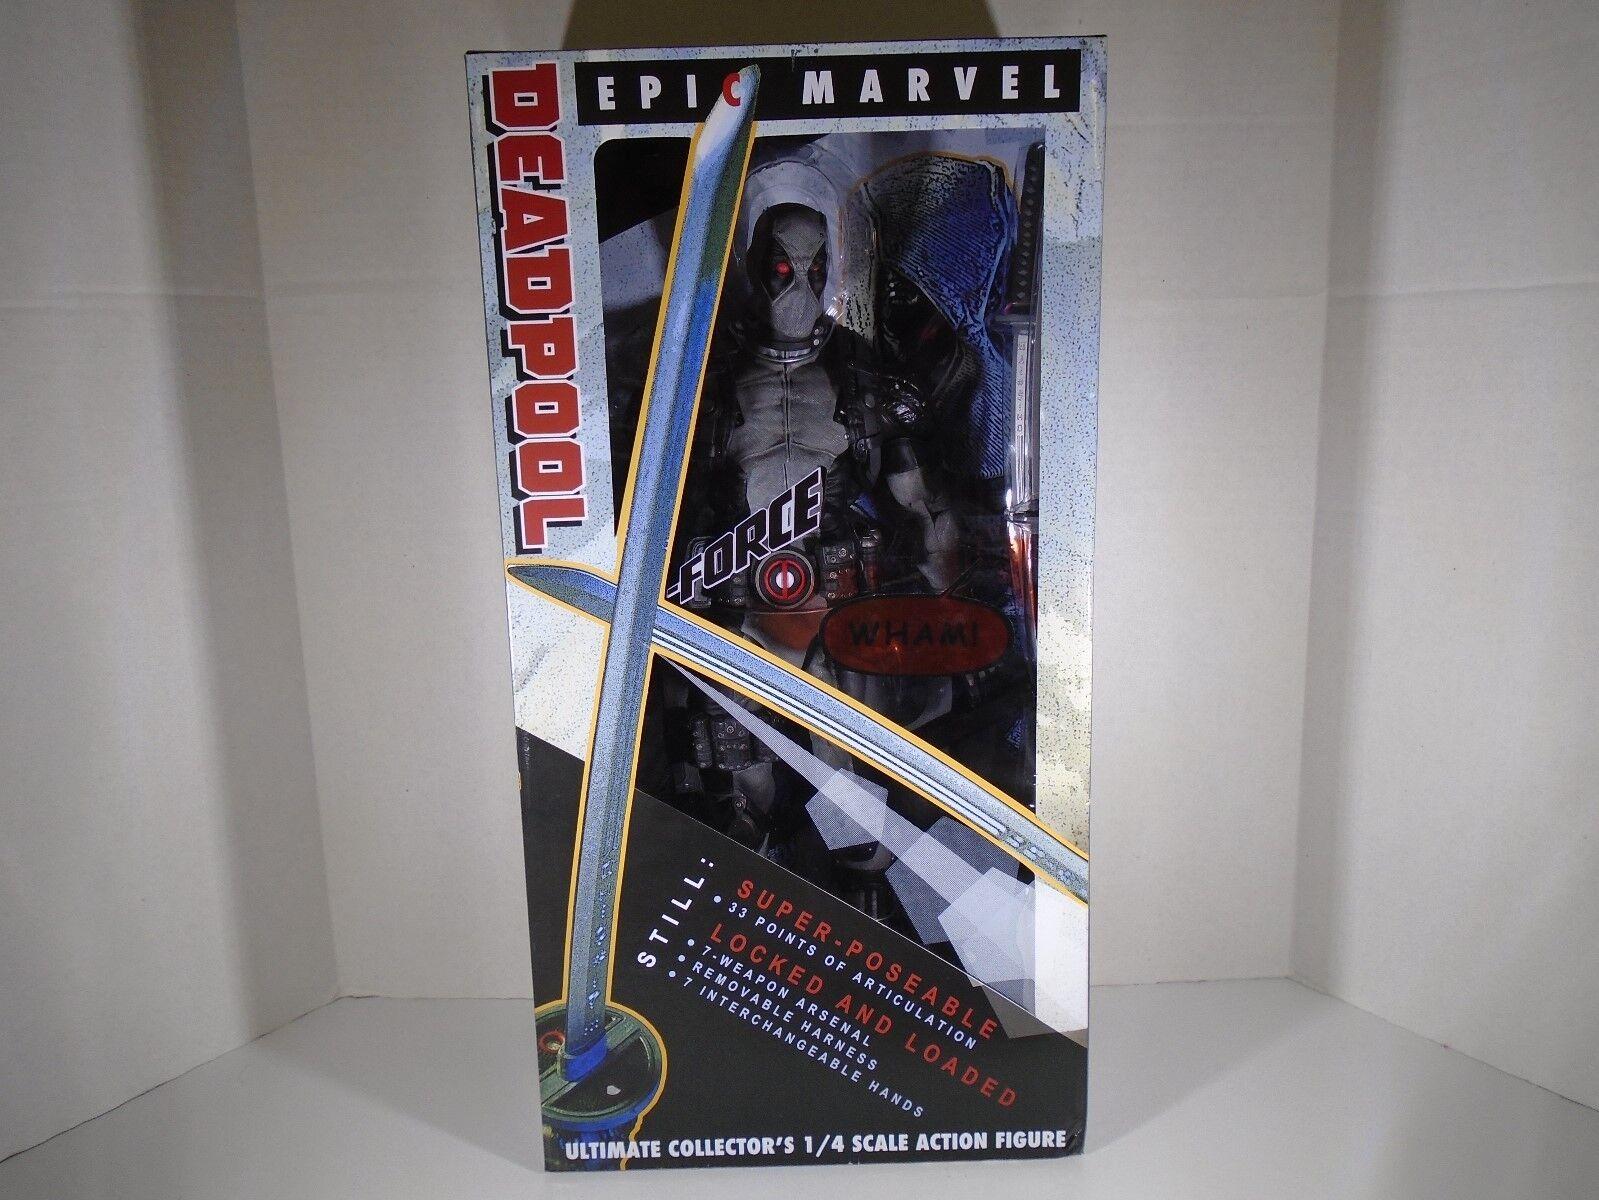 NECA -- épica Marvel -- 18  Deadpool X-Force Ultimate De Coleccionista figura de escala 1 4